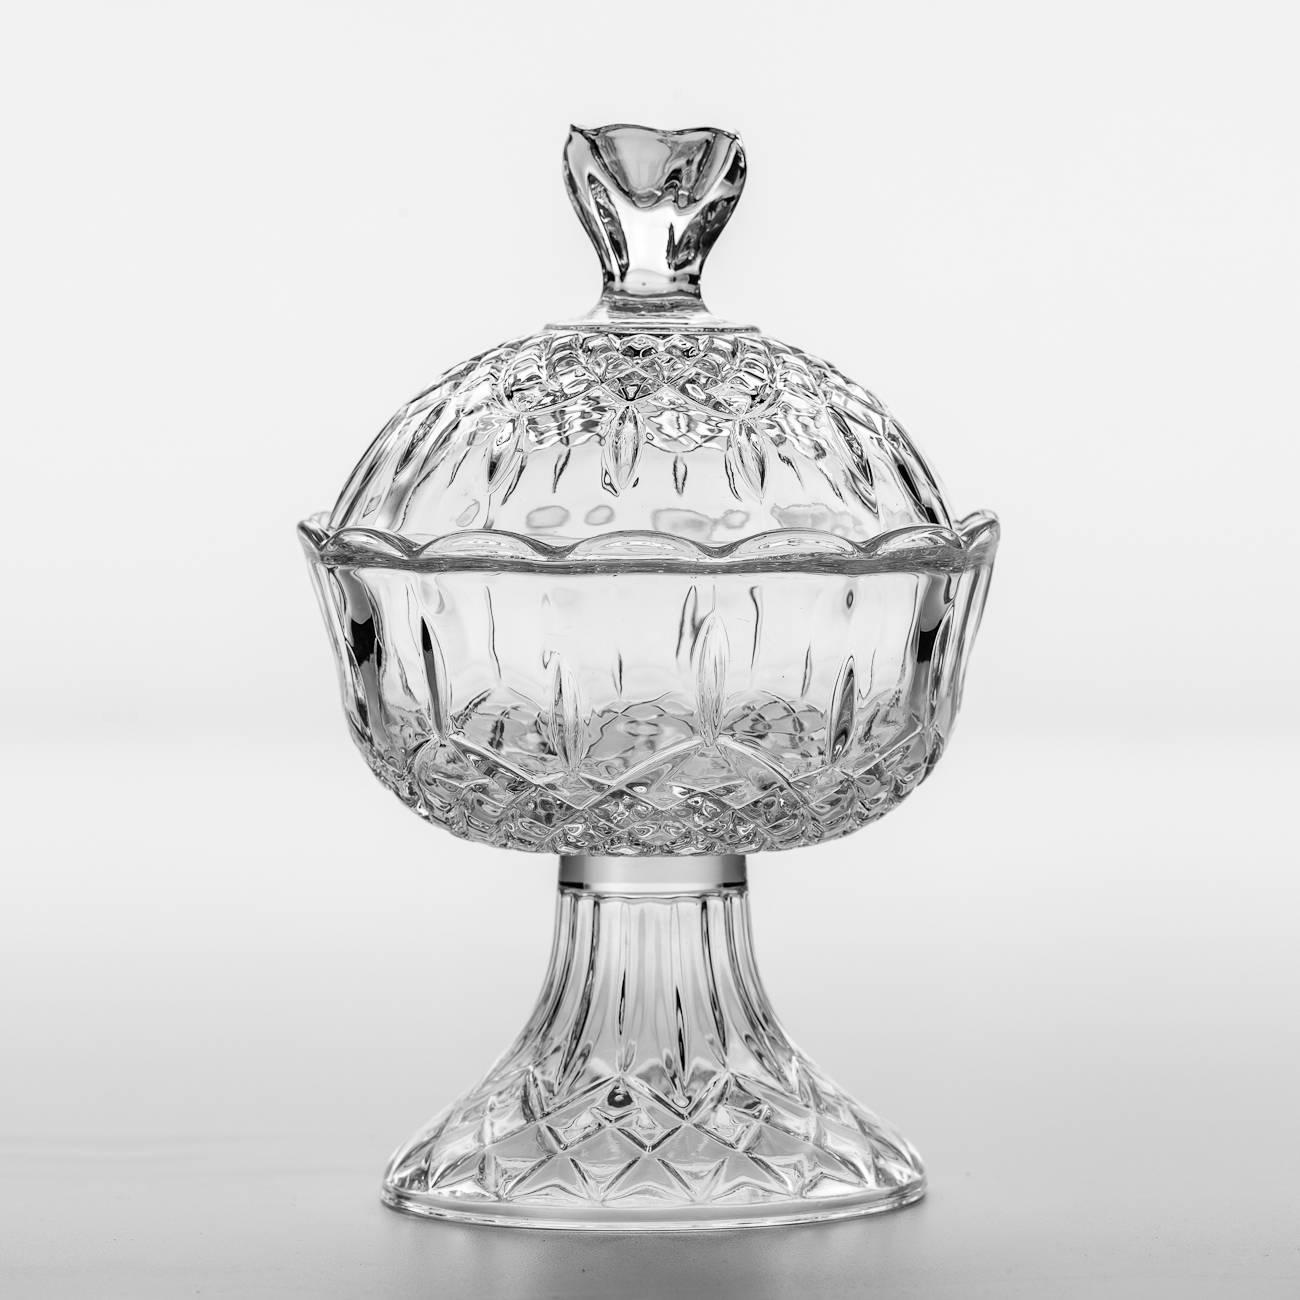 Bomboniere Rachel Pedestal Transparente em Cristal - 22x15 cm